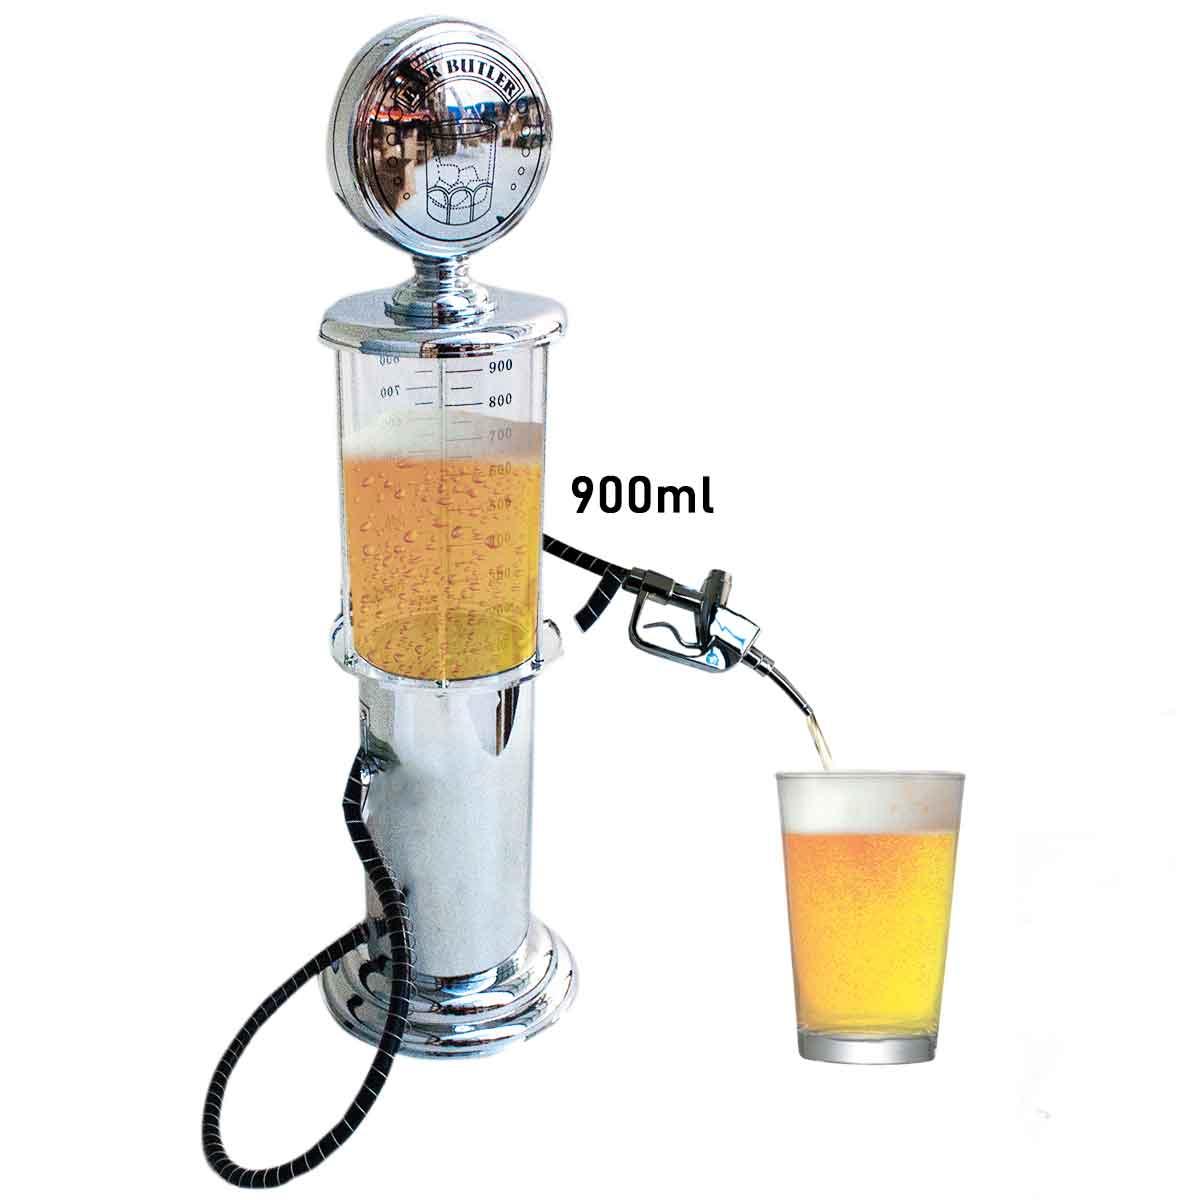 Dispenser Dosador Dispensador Bebidas Bomba Gasolina 900ml